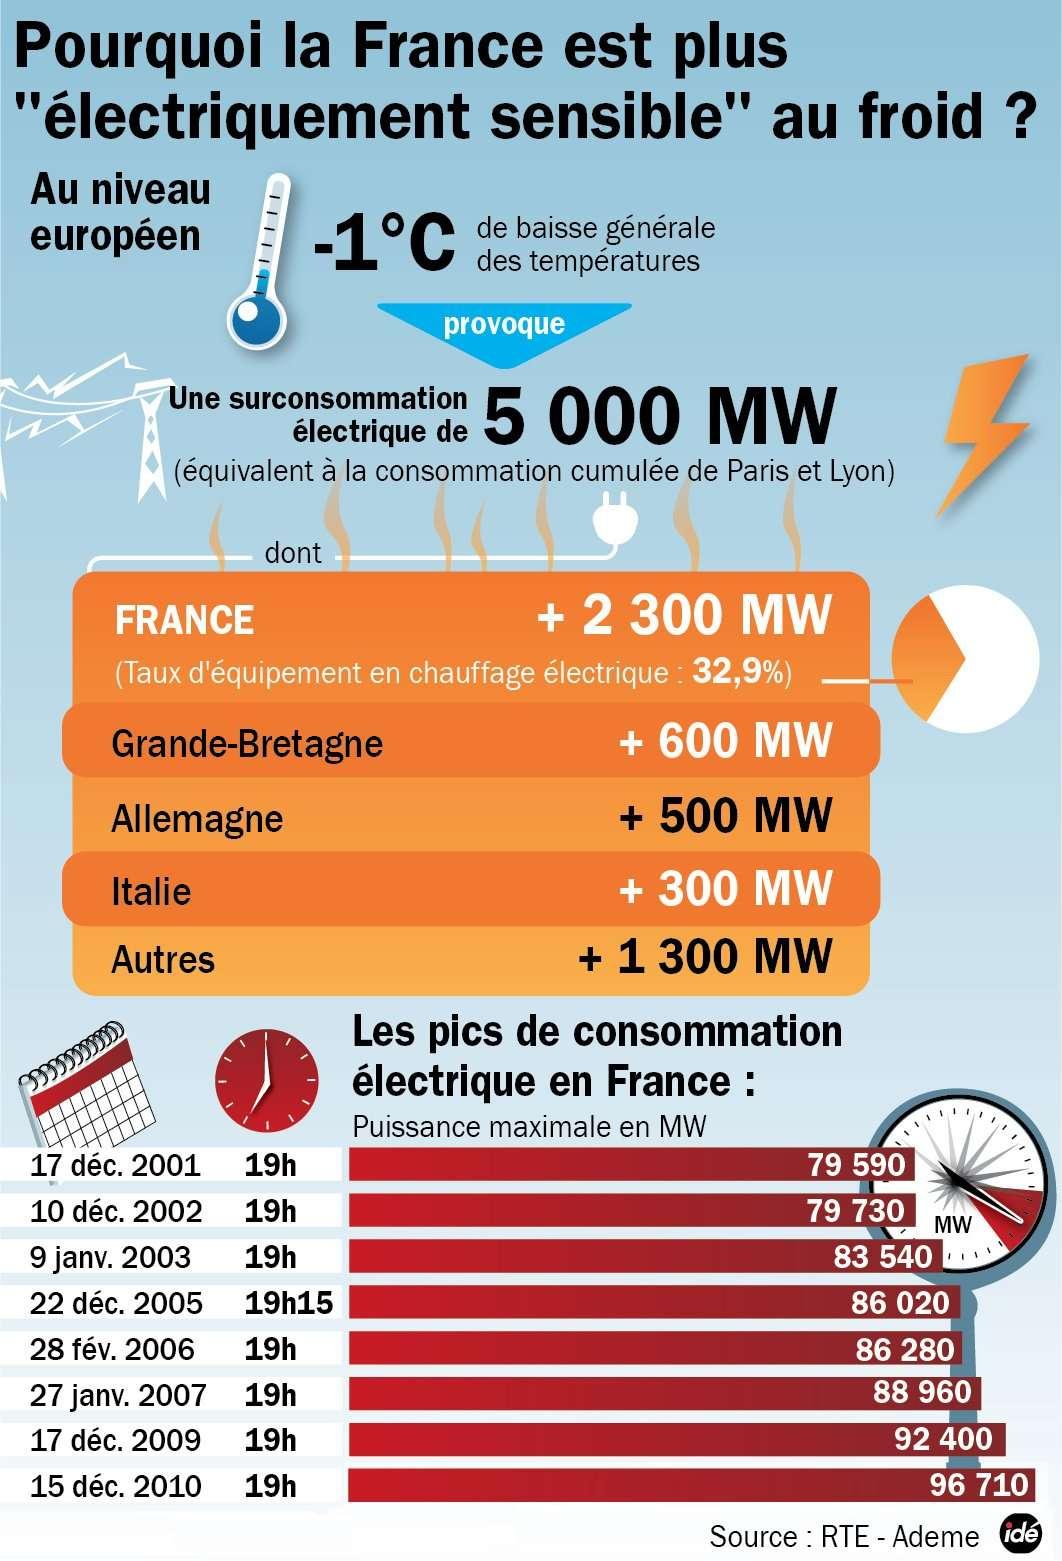 En France plus qu'ailleurs en Europe, les périodes de grands froids induisent une forte hausse de consommation d'électricité. Quand les Français poussent leur chauffage électrique, les autres Européens brûlent davantage de charbon, de fuel ou de gaz. En France, l'électricité est essentiellement d'origine nucléaire, mais cette source n'est pas réglable. La production reste à peu près constante et les pics de consommation peuvent dépasser les capacités nationales et imposer des importations. © Idé